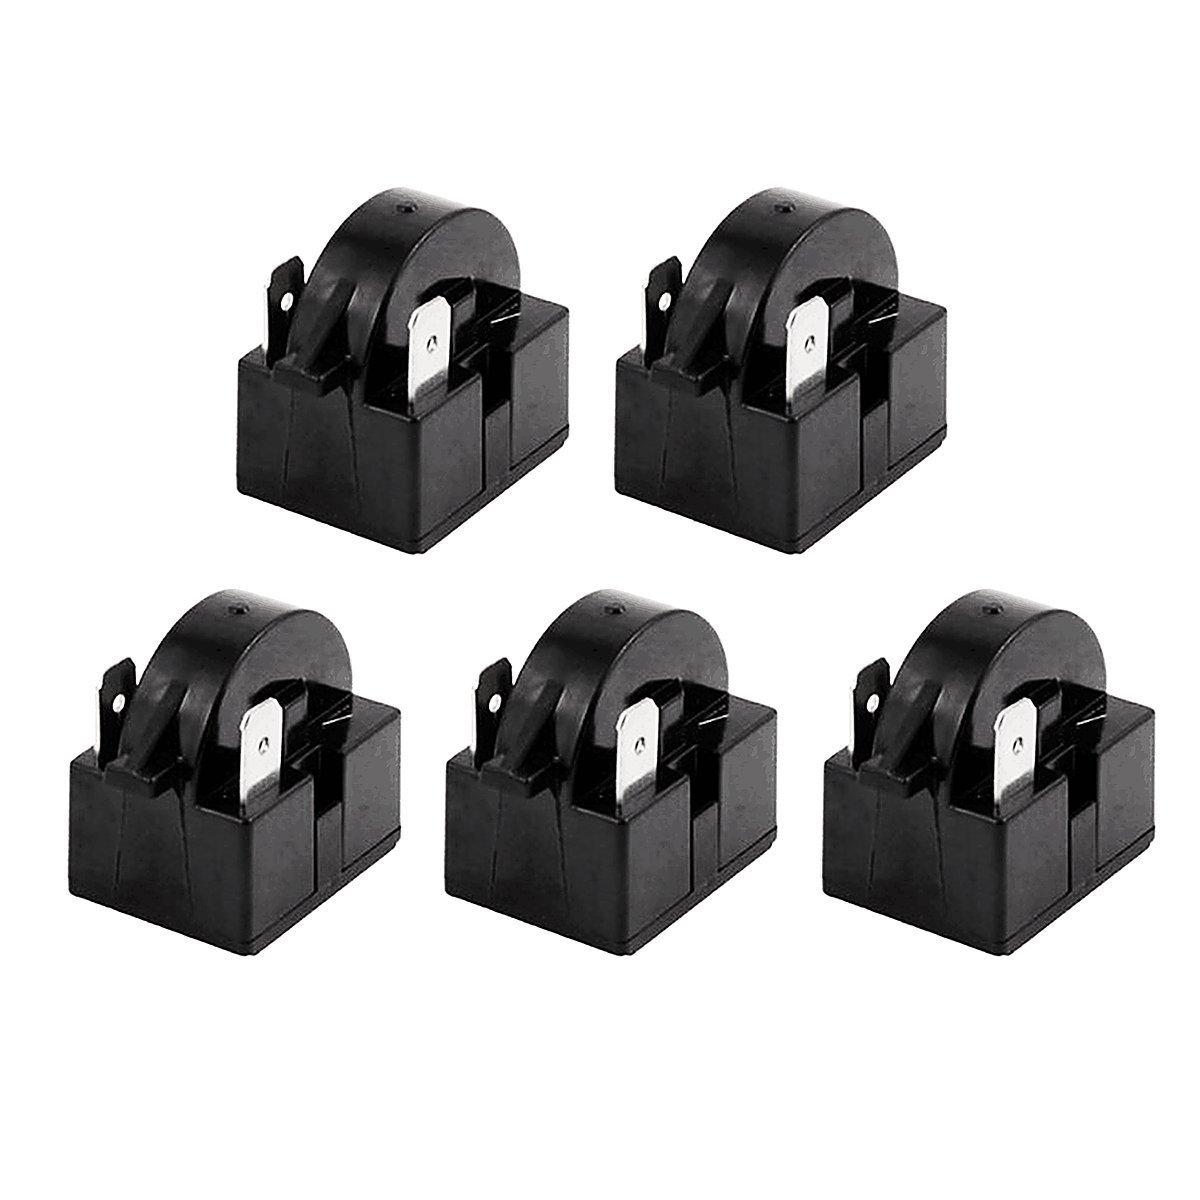 Highplus 8 mm, lat/ón Conector de v/álvula de Aire para inflador de neum/áticos de Coche o cami/ón